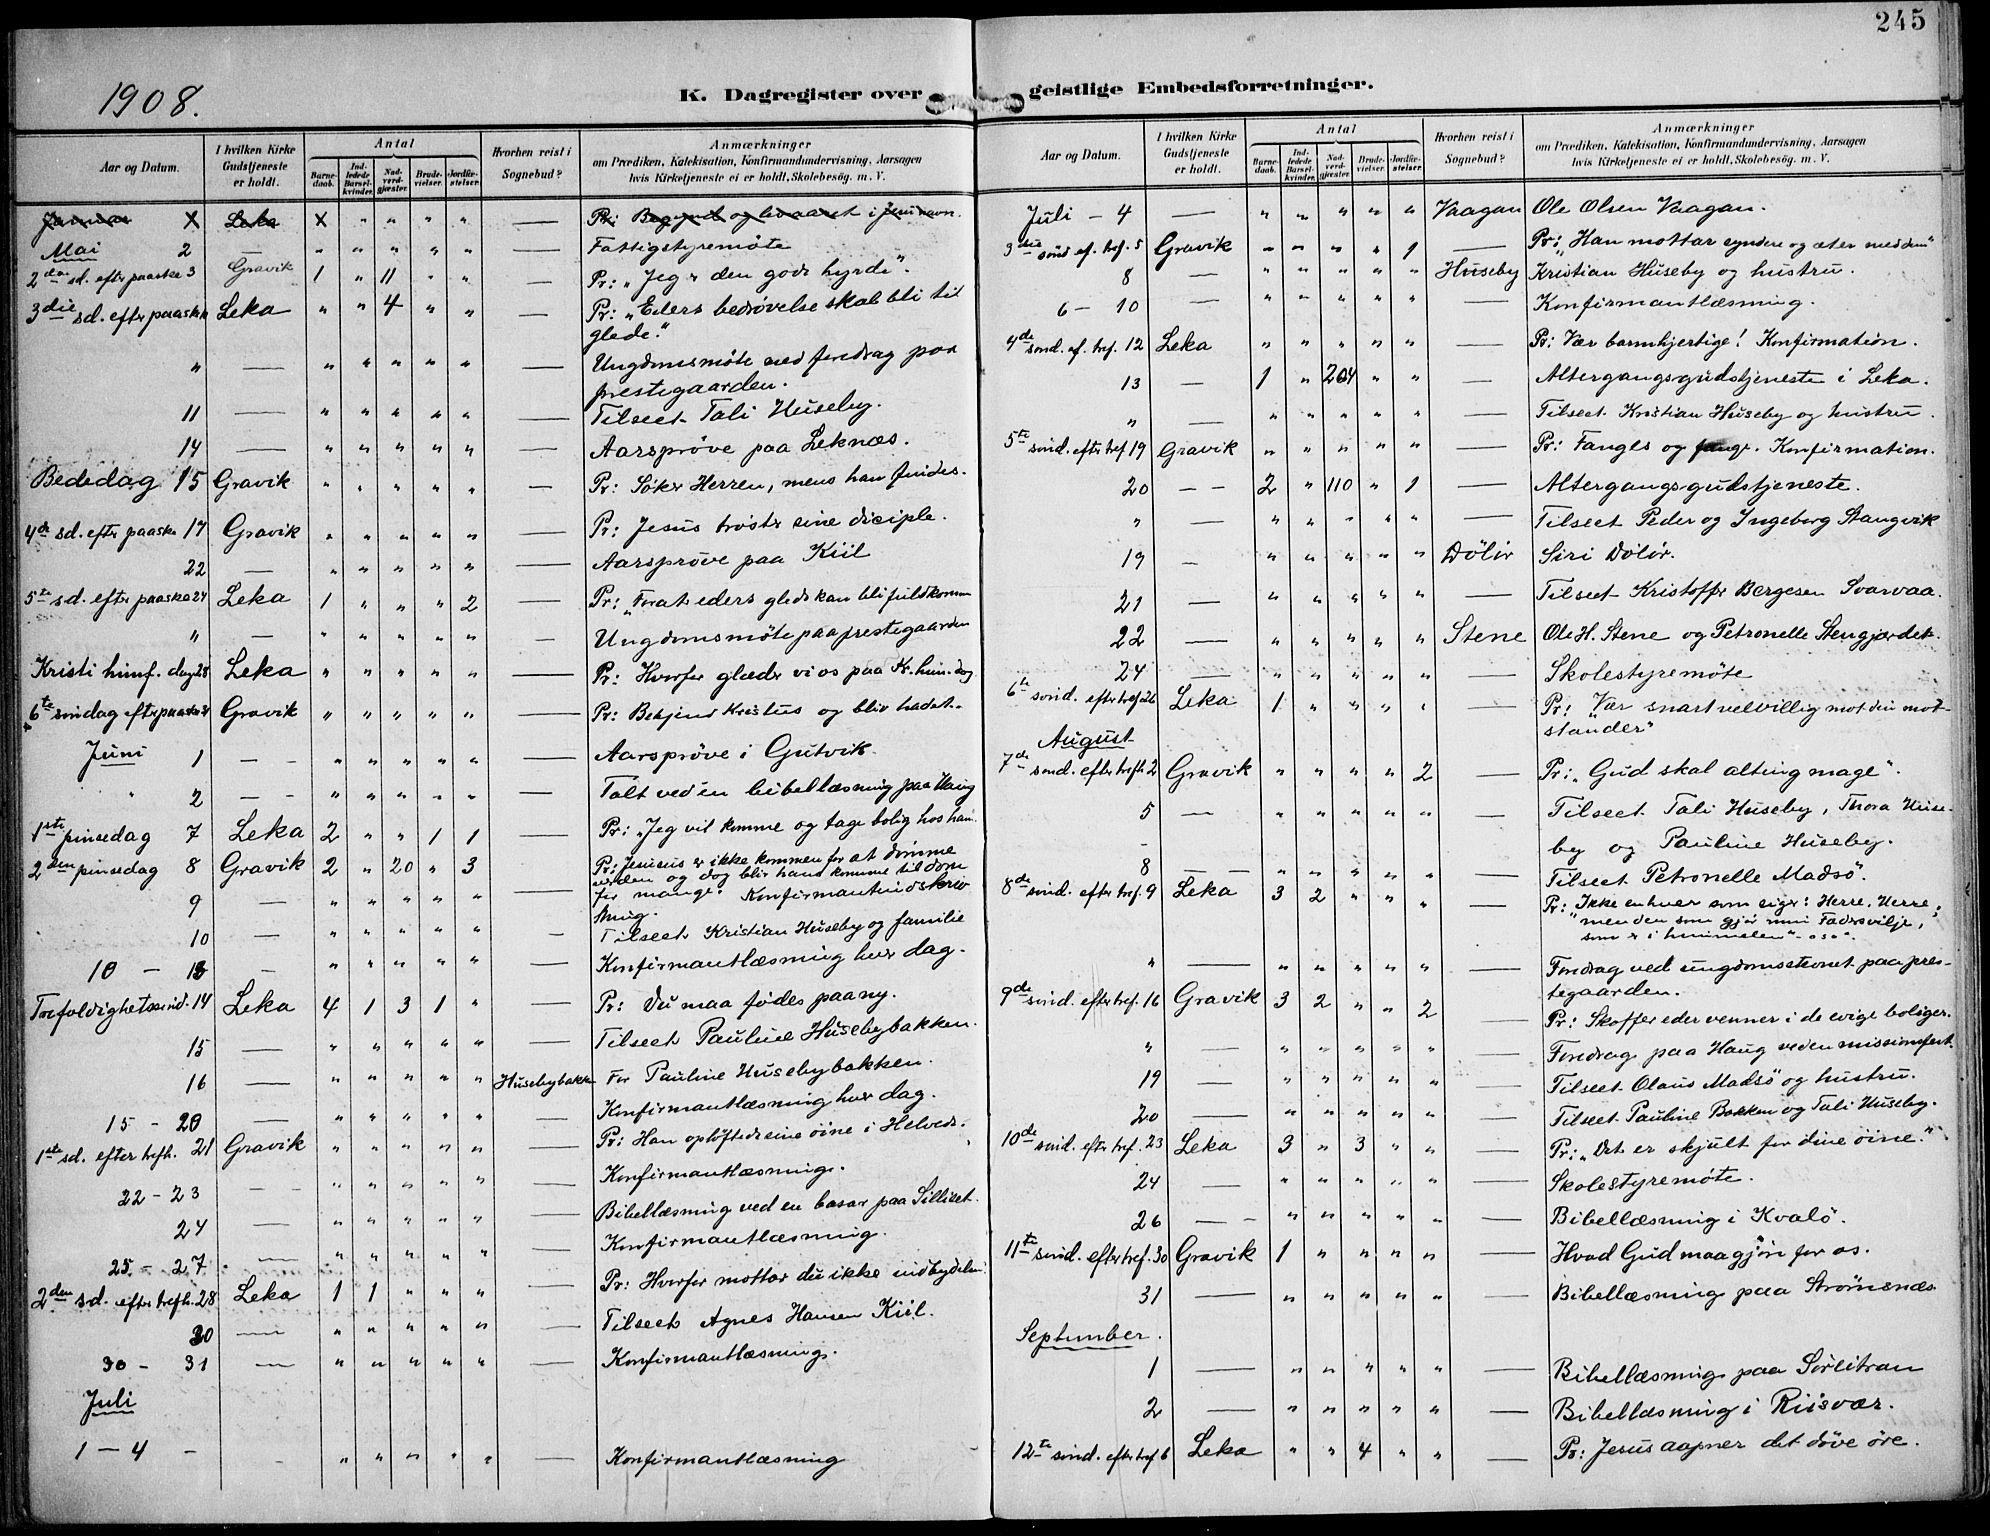 SAT, Ministerialprotokoller, klokkerbøker og fødselsregistre - Nord-Trøndelag, 788/L0698: Ministerialbok nr. 788A05, 1902-1921, s. 245